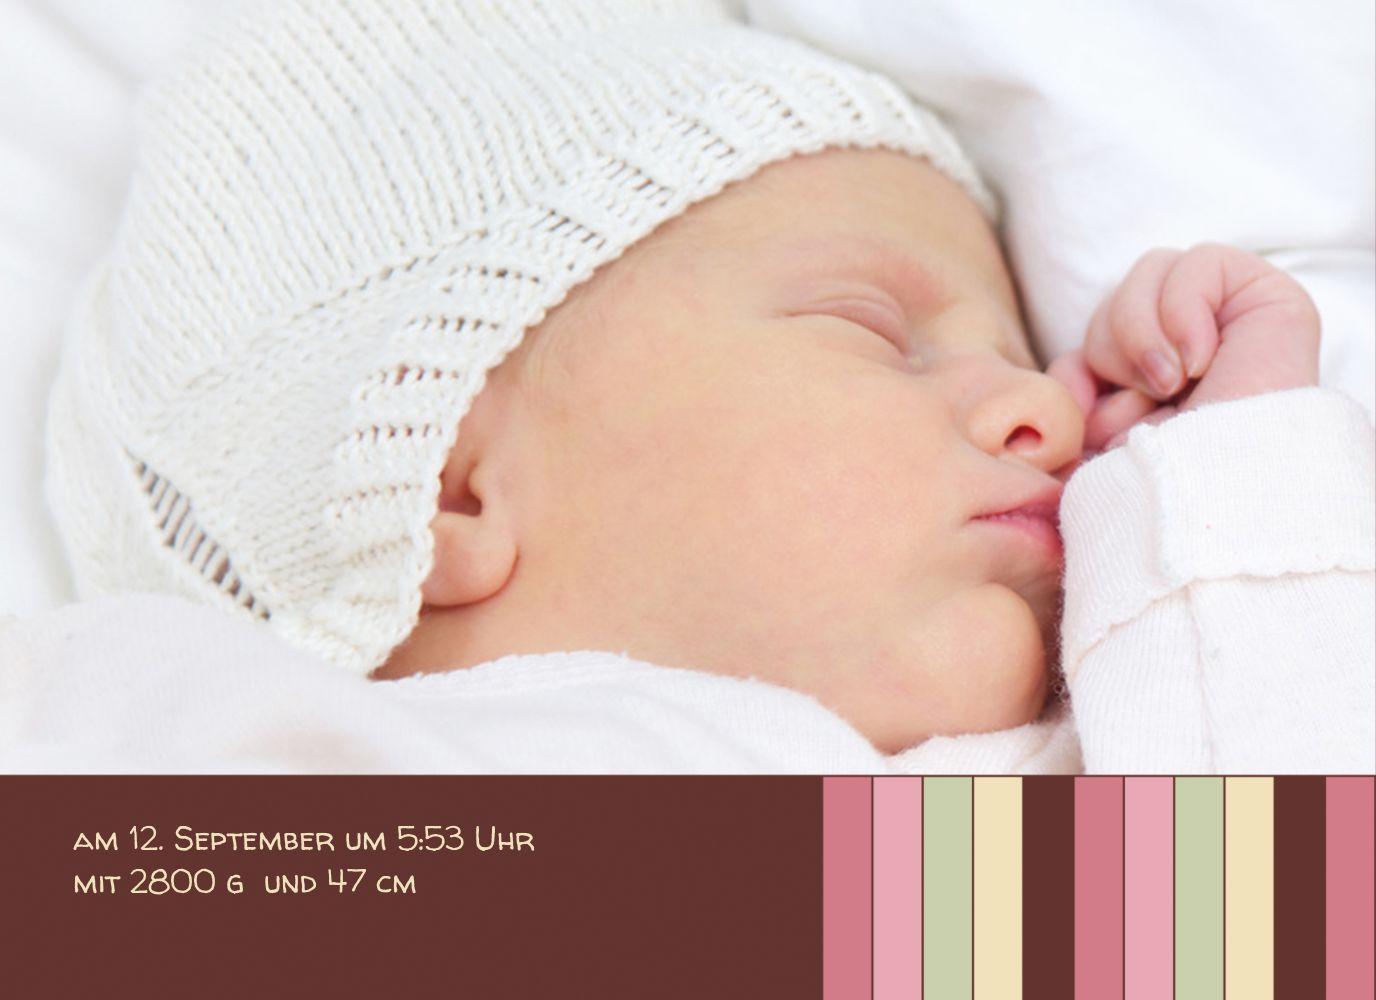 Ansicht 5 - Babykarte Zwillinge Retro